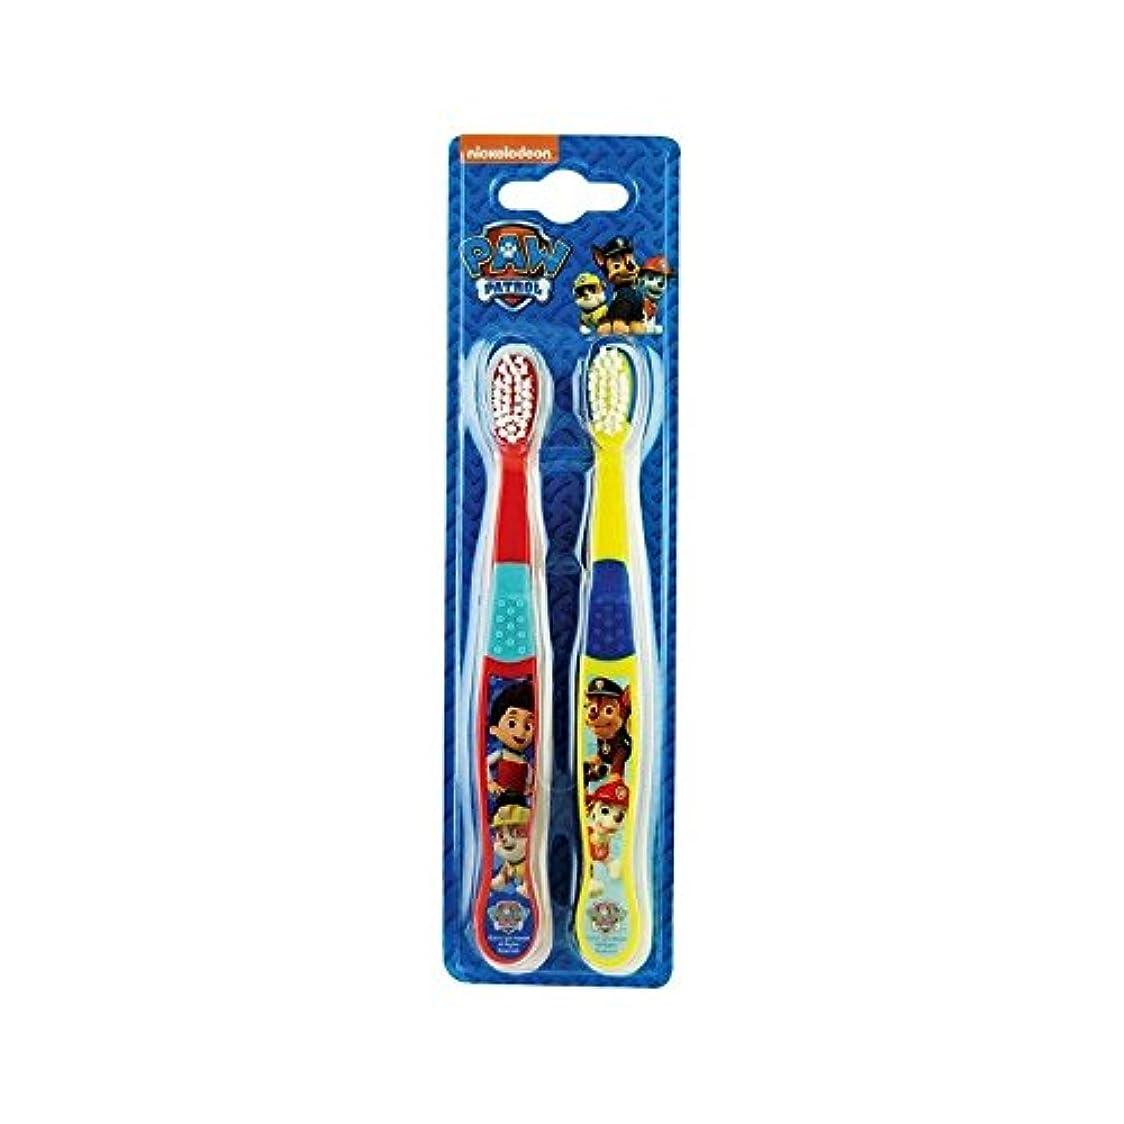 支払う感謝している固体1パックツイン歯ブラシ2 (Paw Patrol) (x 6) - Paw Patrol Twin Toothbrush 2 per pack (Pack of 6) [並行輸入品]